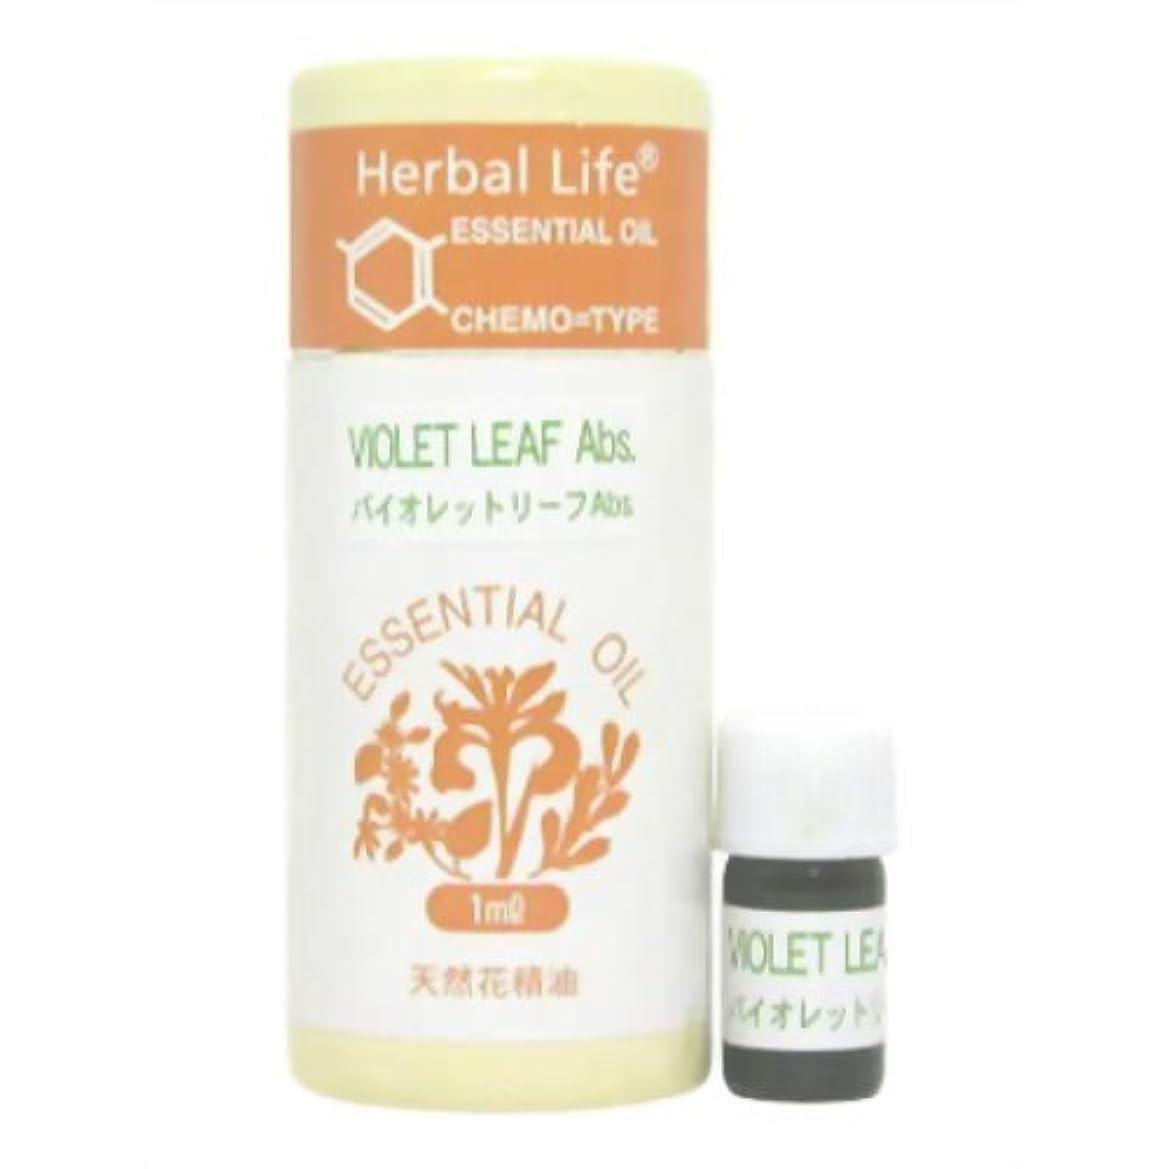 決してマラソンつづり生活の木 Herbal Life バイオレットリーフAbs 1ml 癒し用品 アロマオイル?精油 花の精油?フローラル系の香り [並行輸入品]